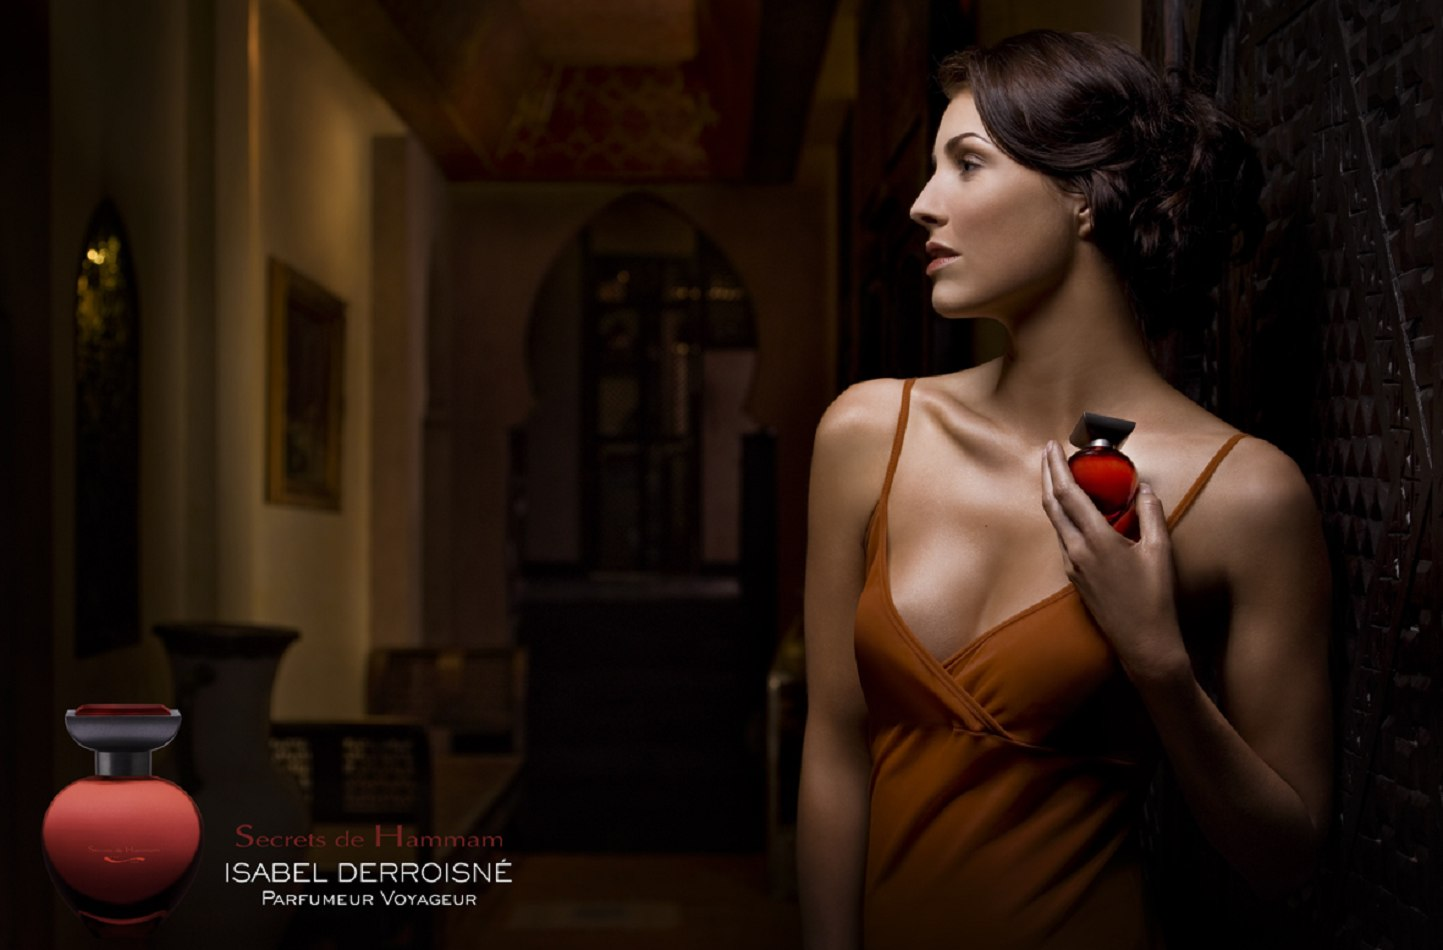 Manuella Baudet parfum isabel derroisné2.jpg